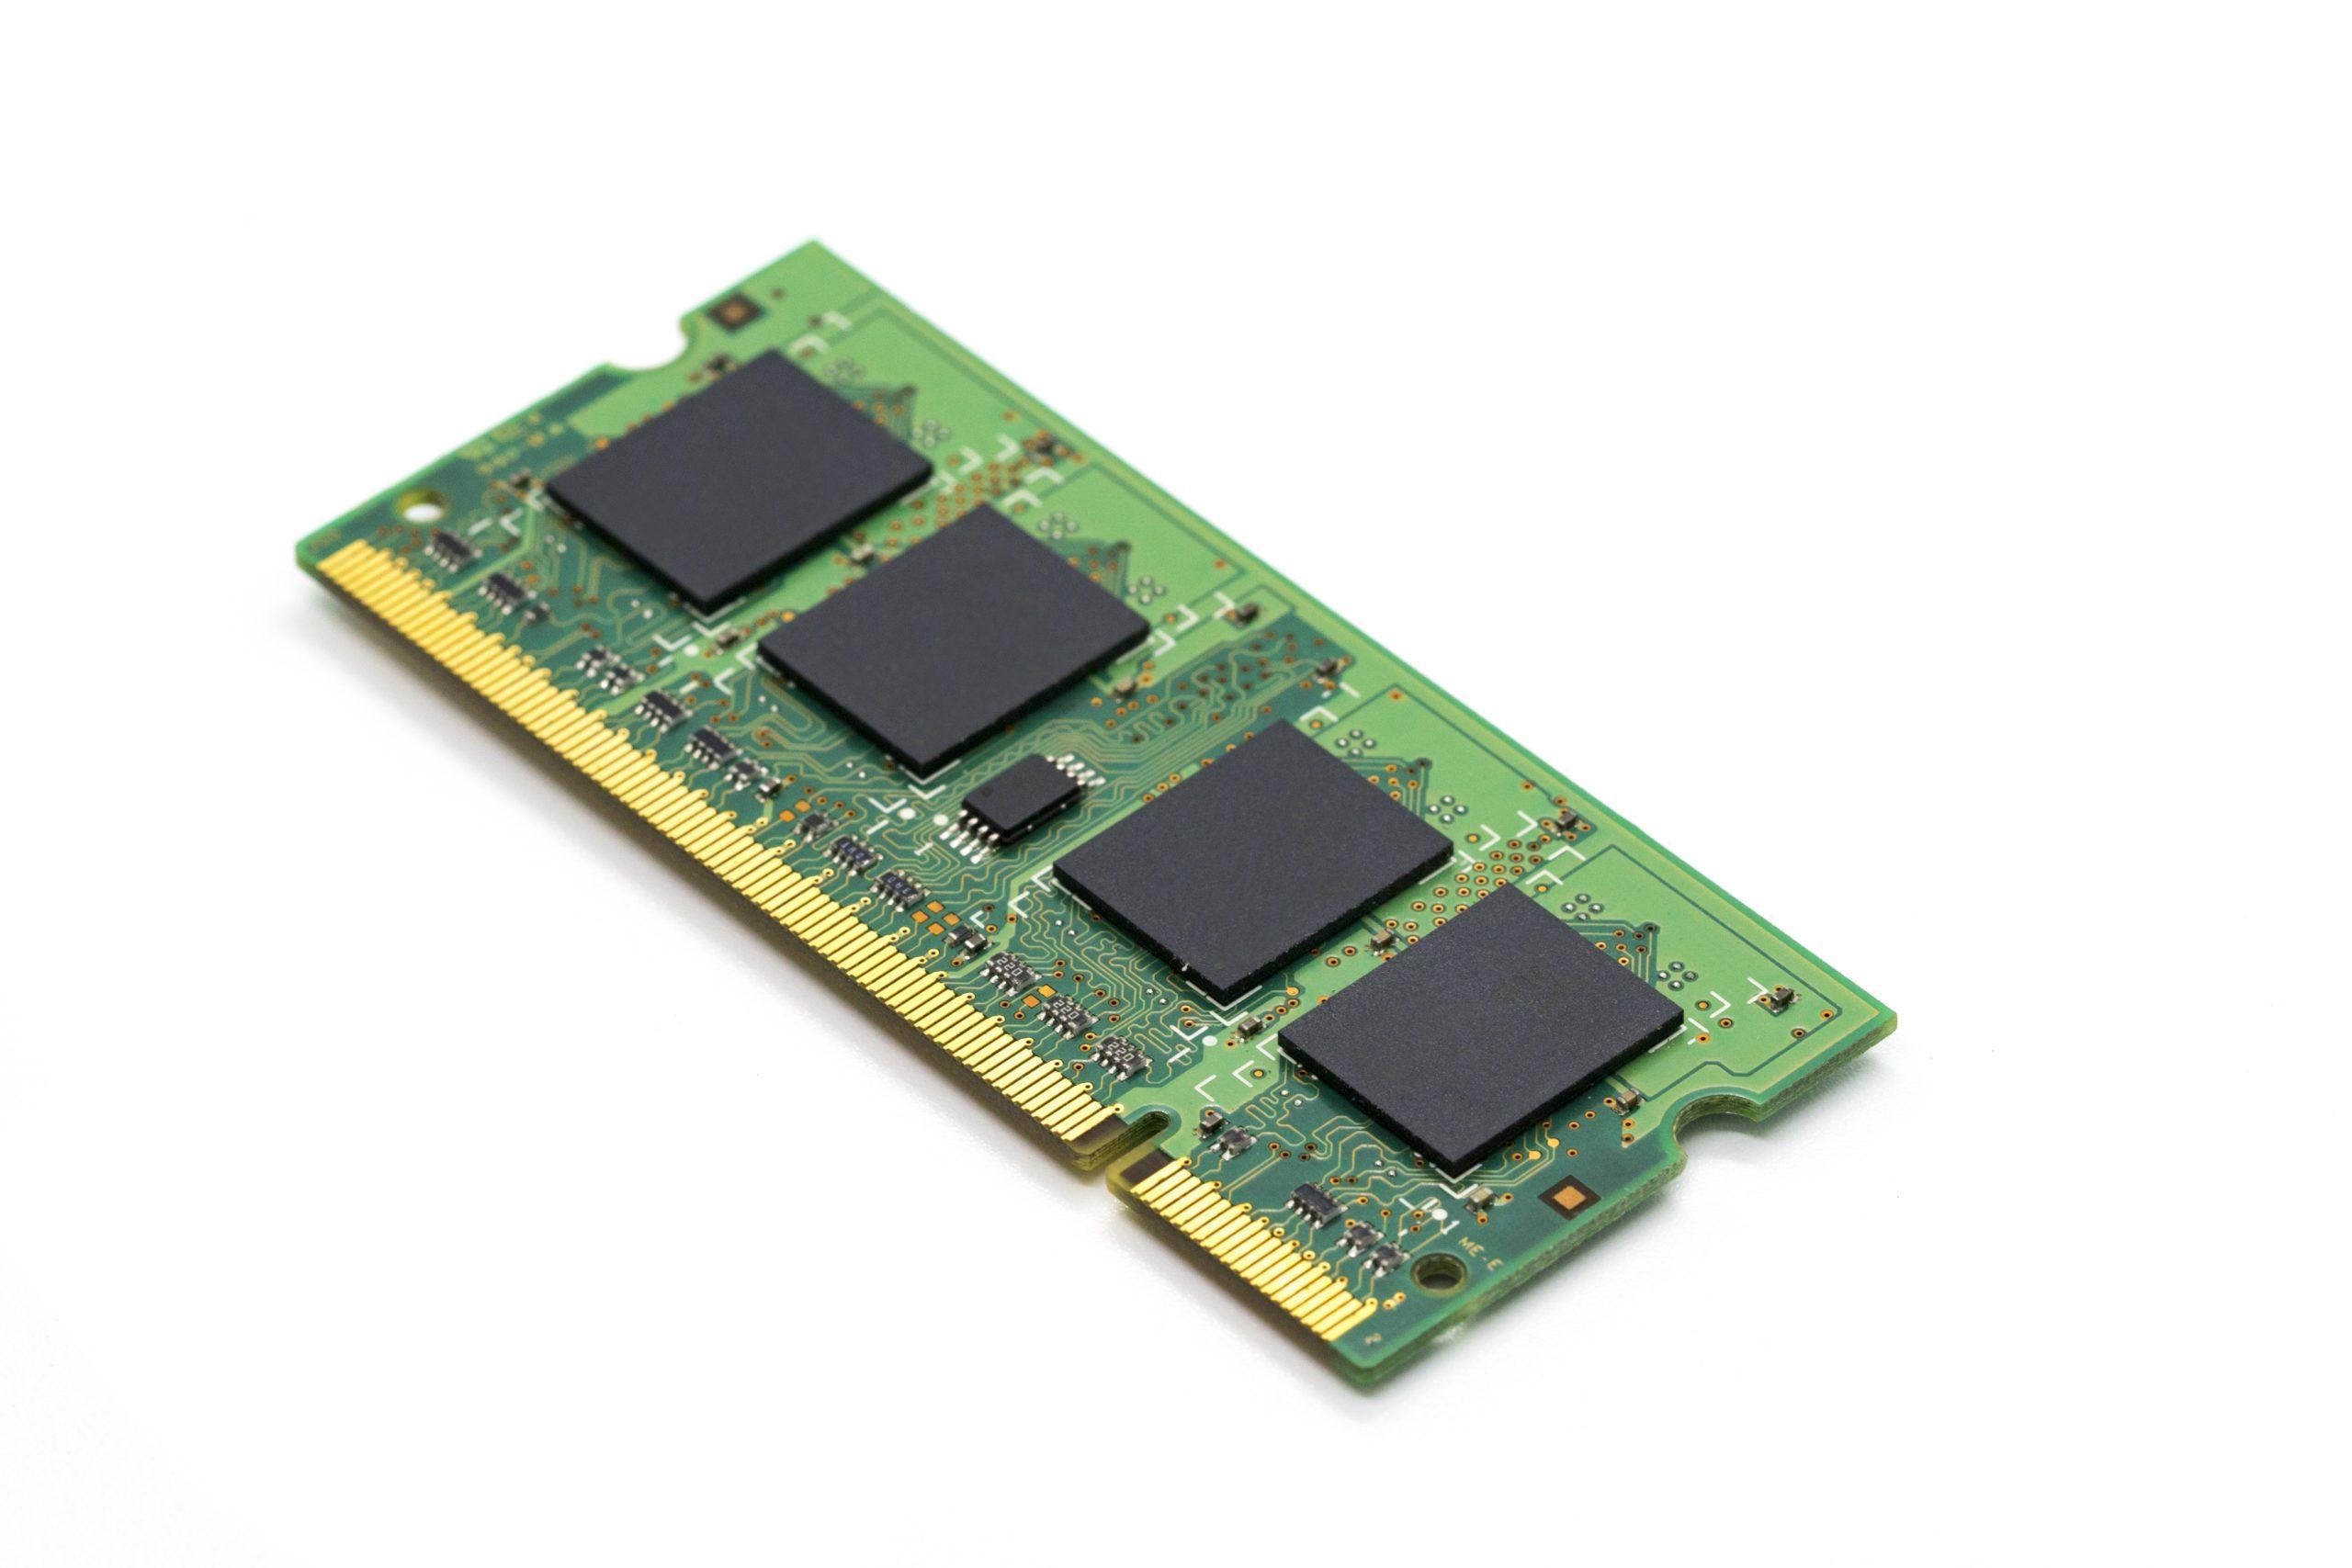 Image of RAM memory.